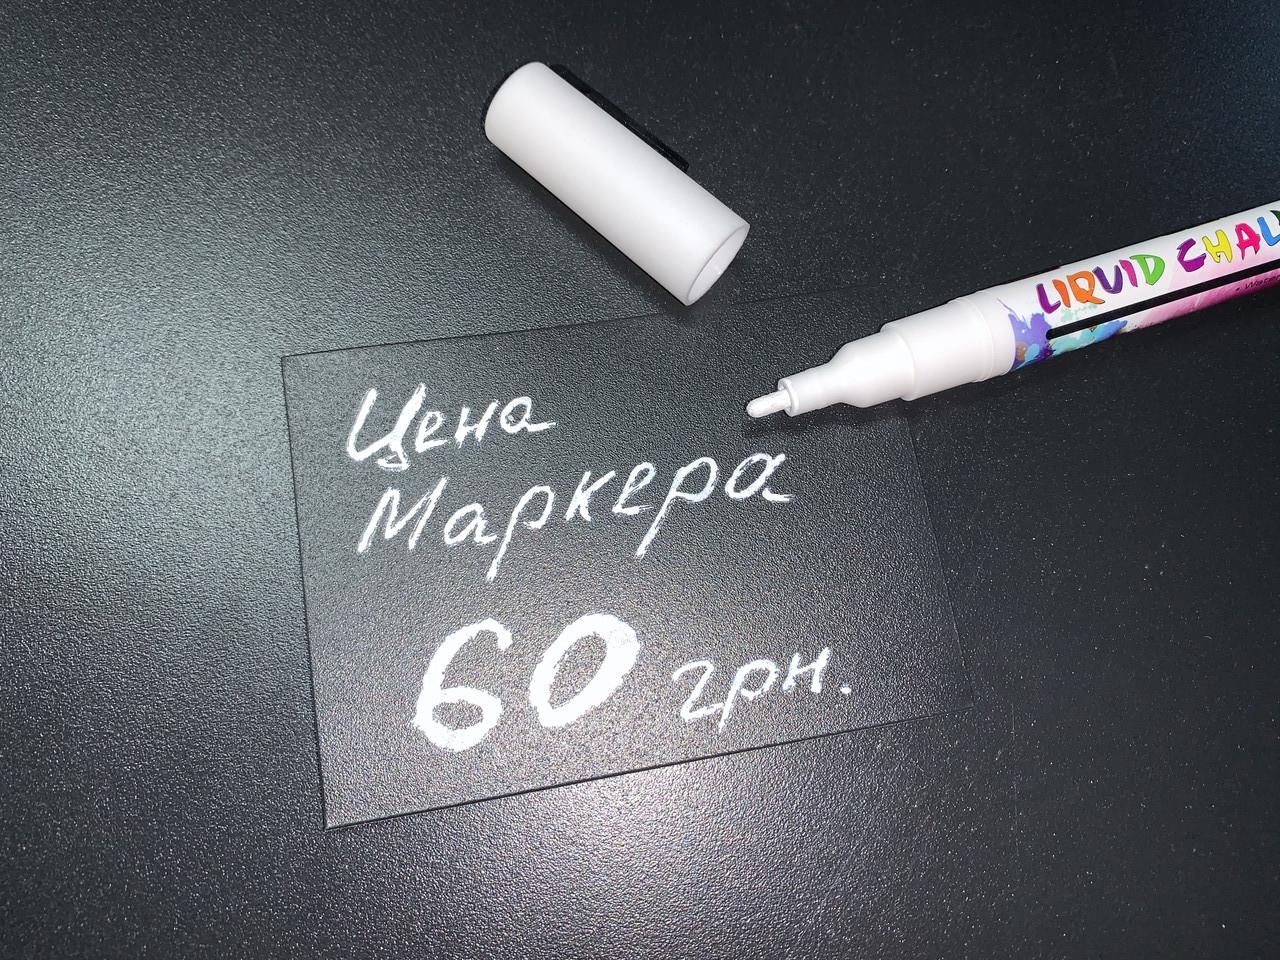 Меловой маркер на водной основе белый 5 мм 50 штук. Крейдяний маркер білий.Для меловых грифельных